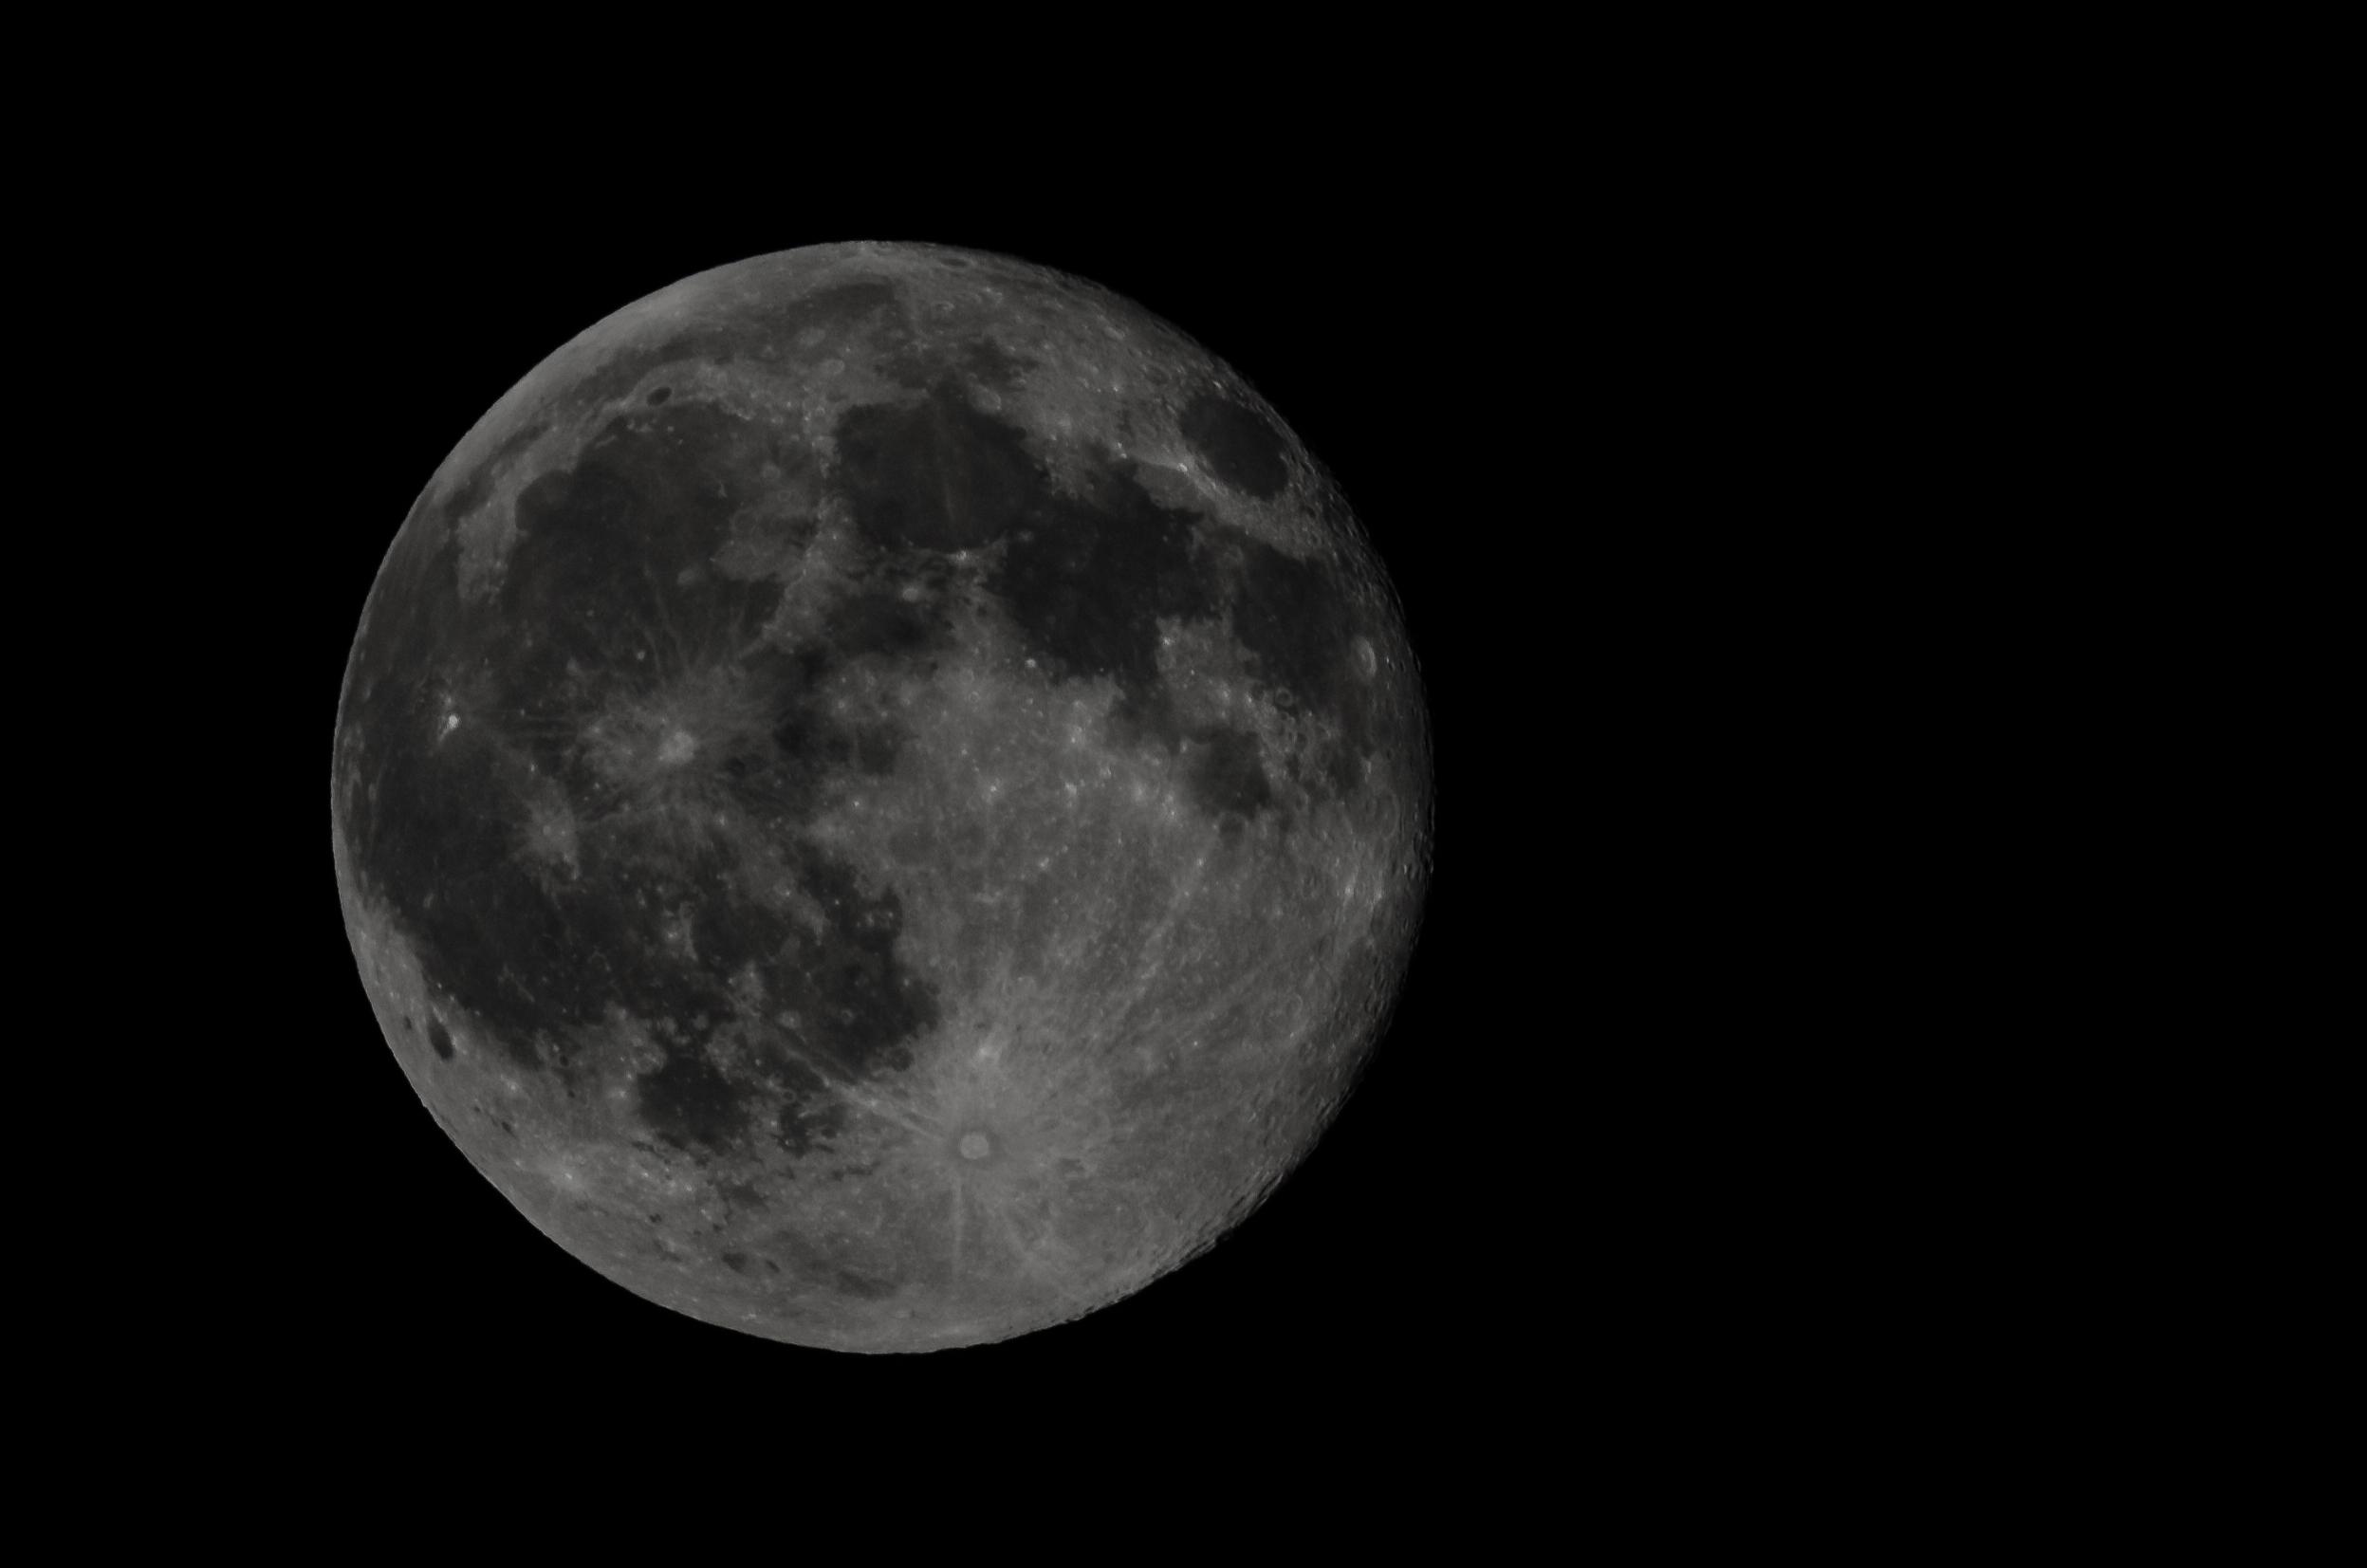 Blue Moon  Nikon D7000 ISO 100 600mm f/18 1/200 sec.